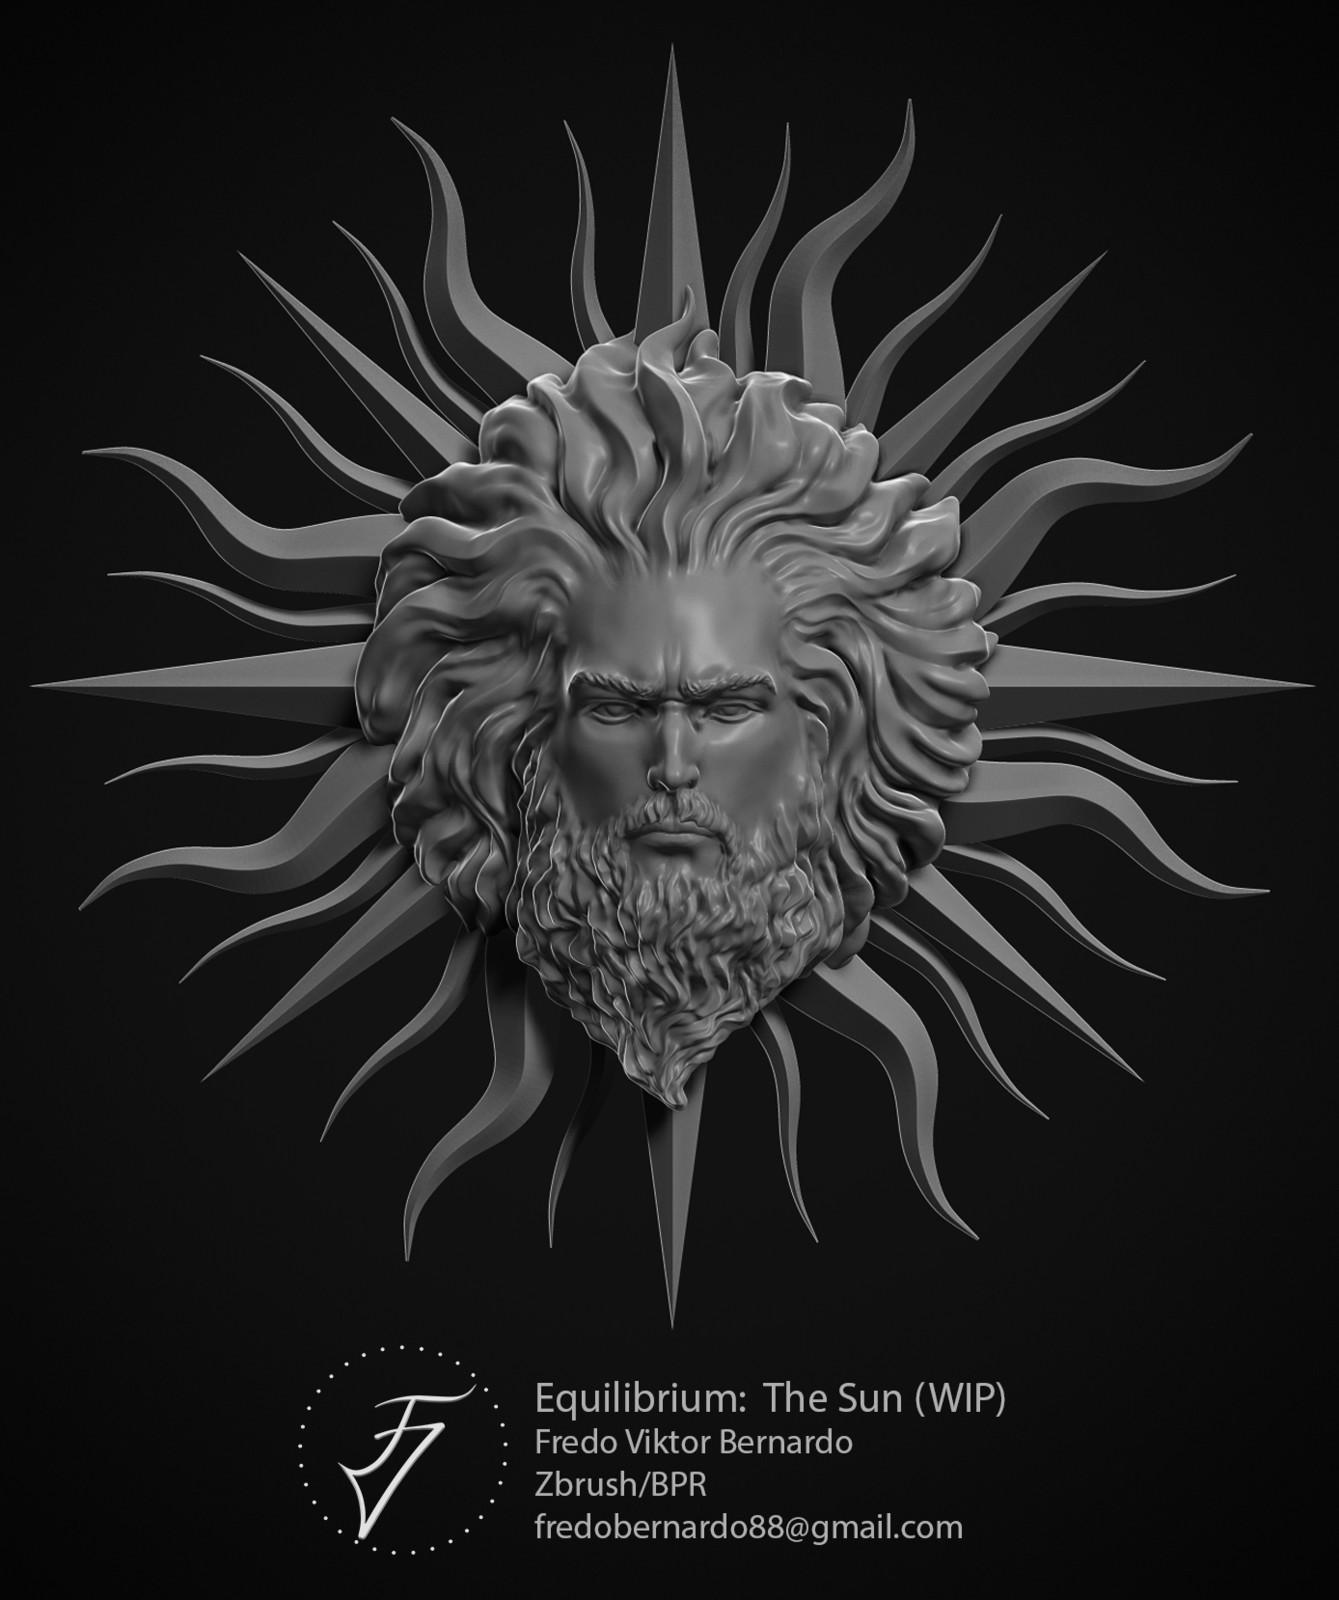 Equilibrium: The Sun (wip)